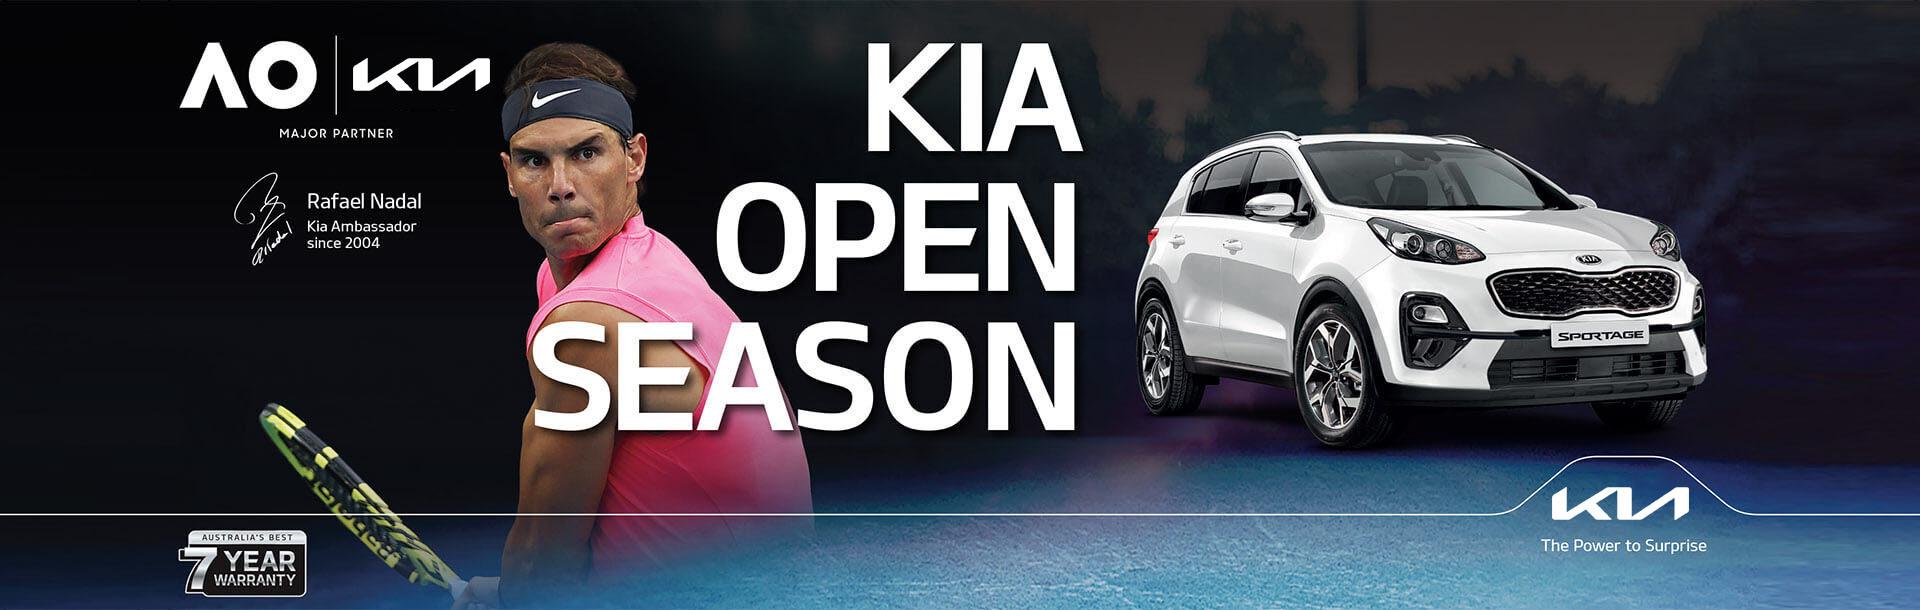 Kia Open Season